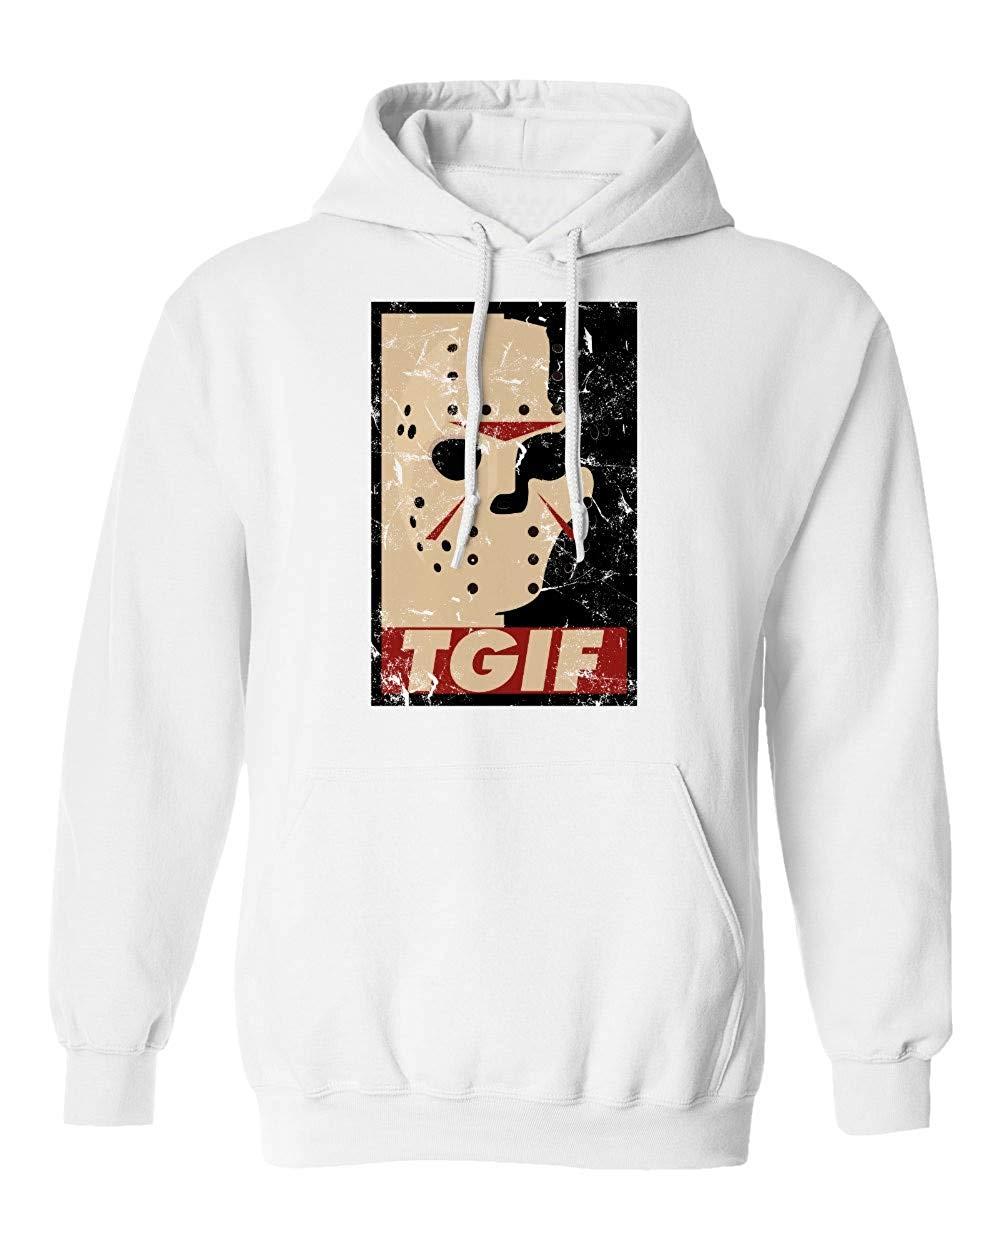 Nueva novedad, camiseta Vorhees, camiseta de TGIF Jason Horror pesadilla para Halloween, Sudadera con capucha para hombres, sudadera para hombres y mujeres